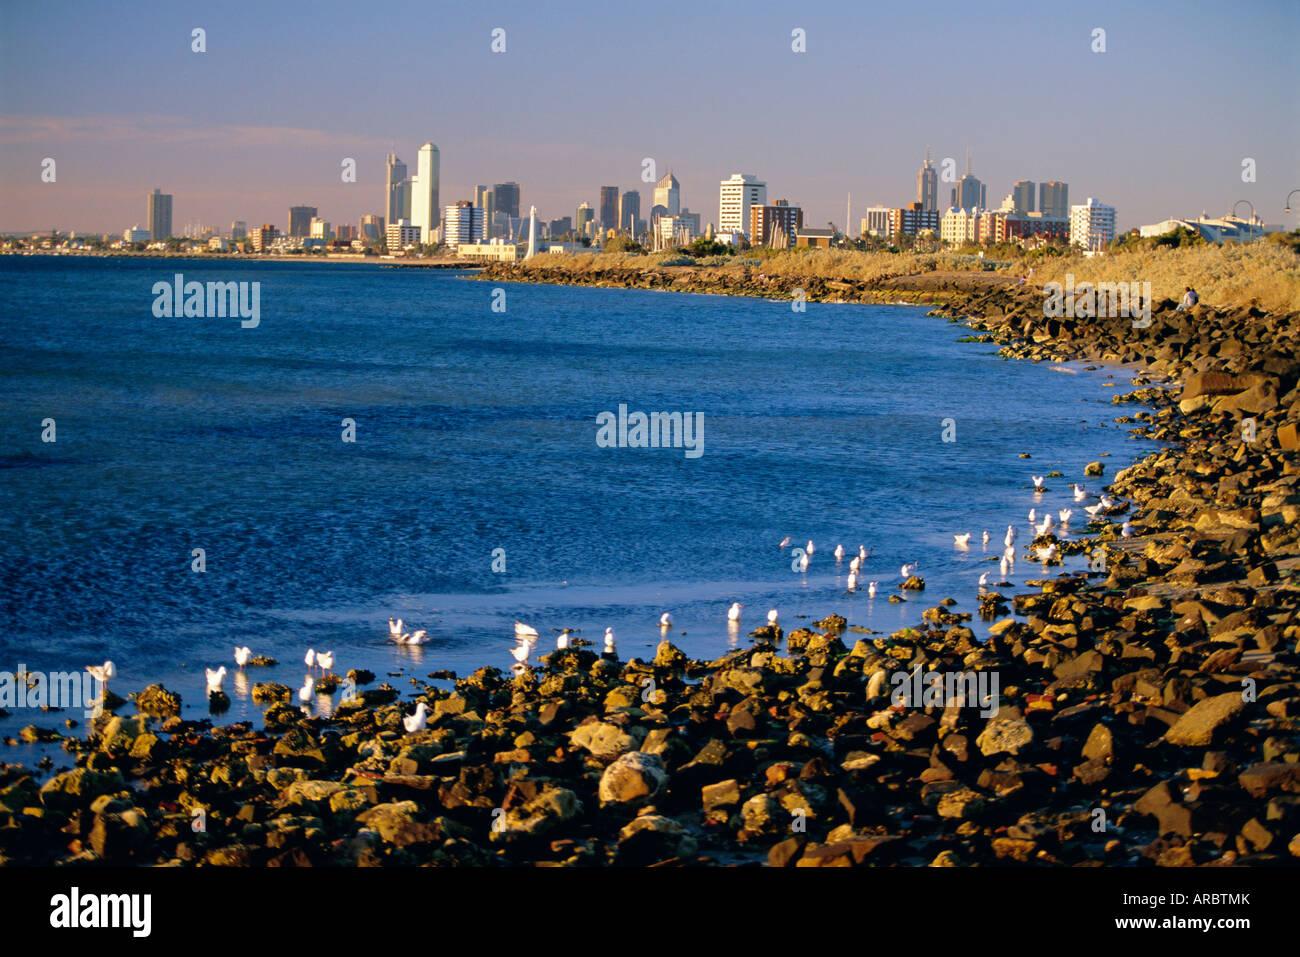 Direkt am Meer im Vorort Saint Kilda mit Blick auf die Skyline von Melbourne, Melbourne, Victoria, Australien Stockbild